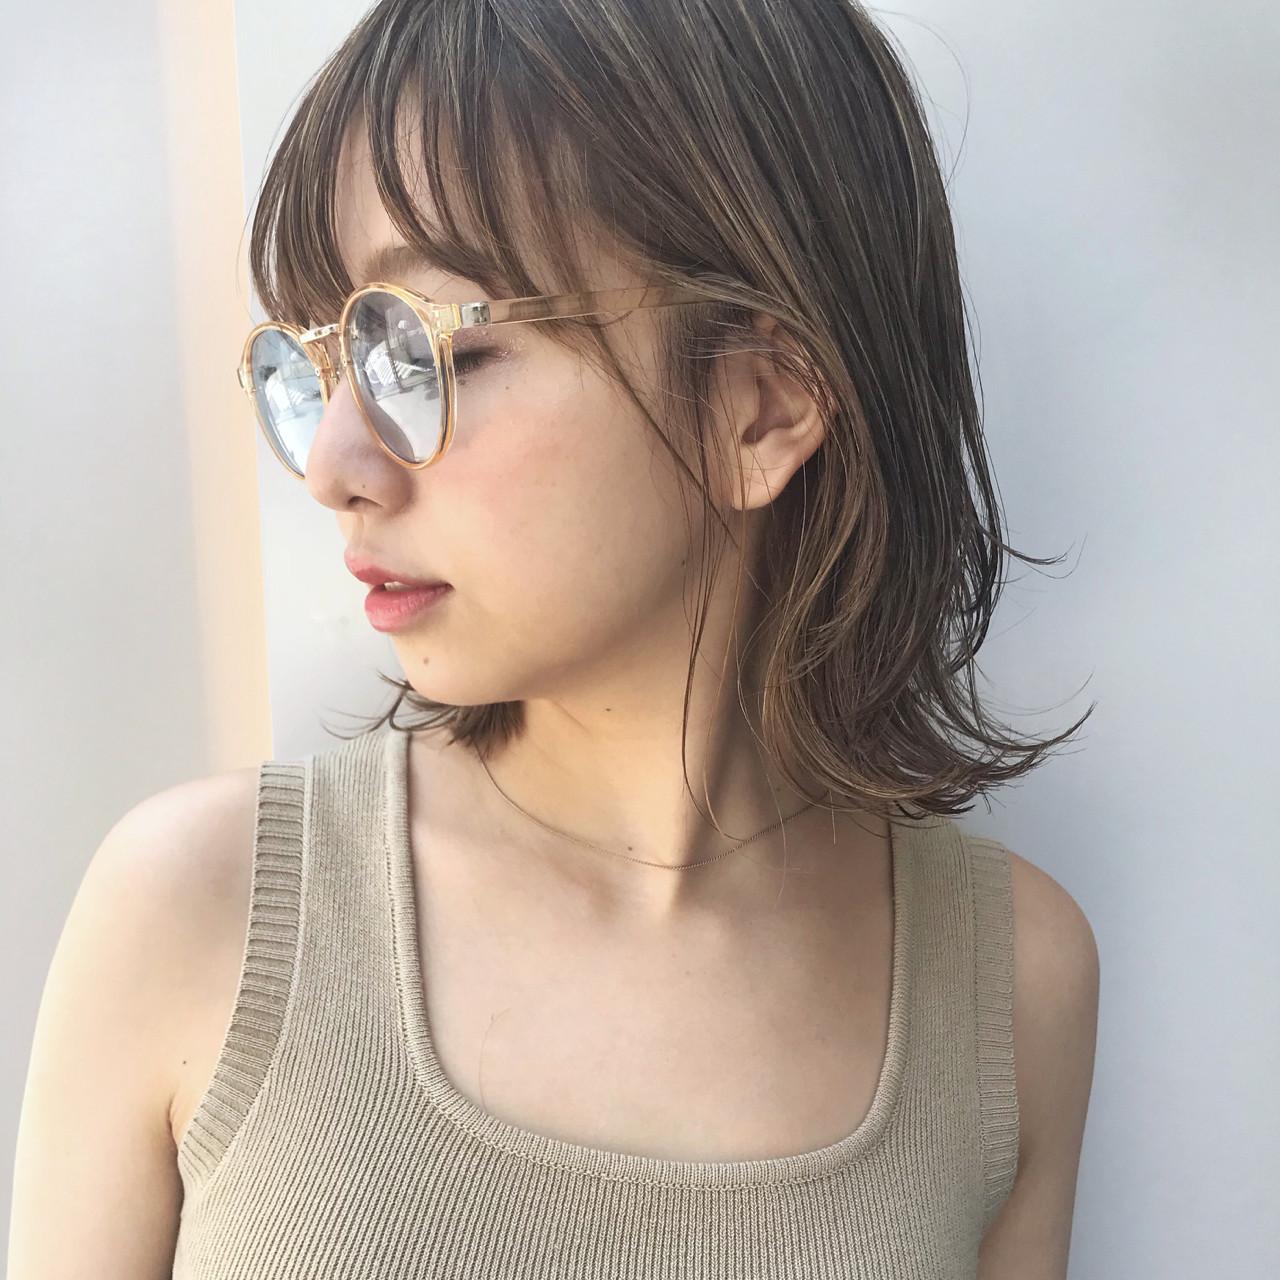 アウトドア 外ハネ ボブ ロブ ヘアスタイルや髪型の写真・画像 | 信澤貴一【愛され大人可愛いヘア美容師】 / un ami kichijoji